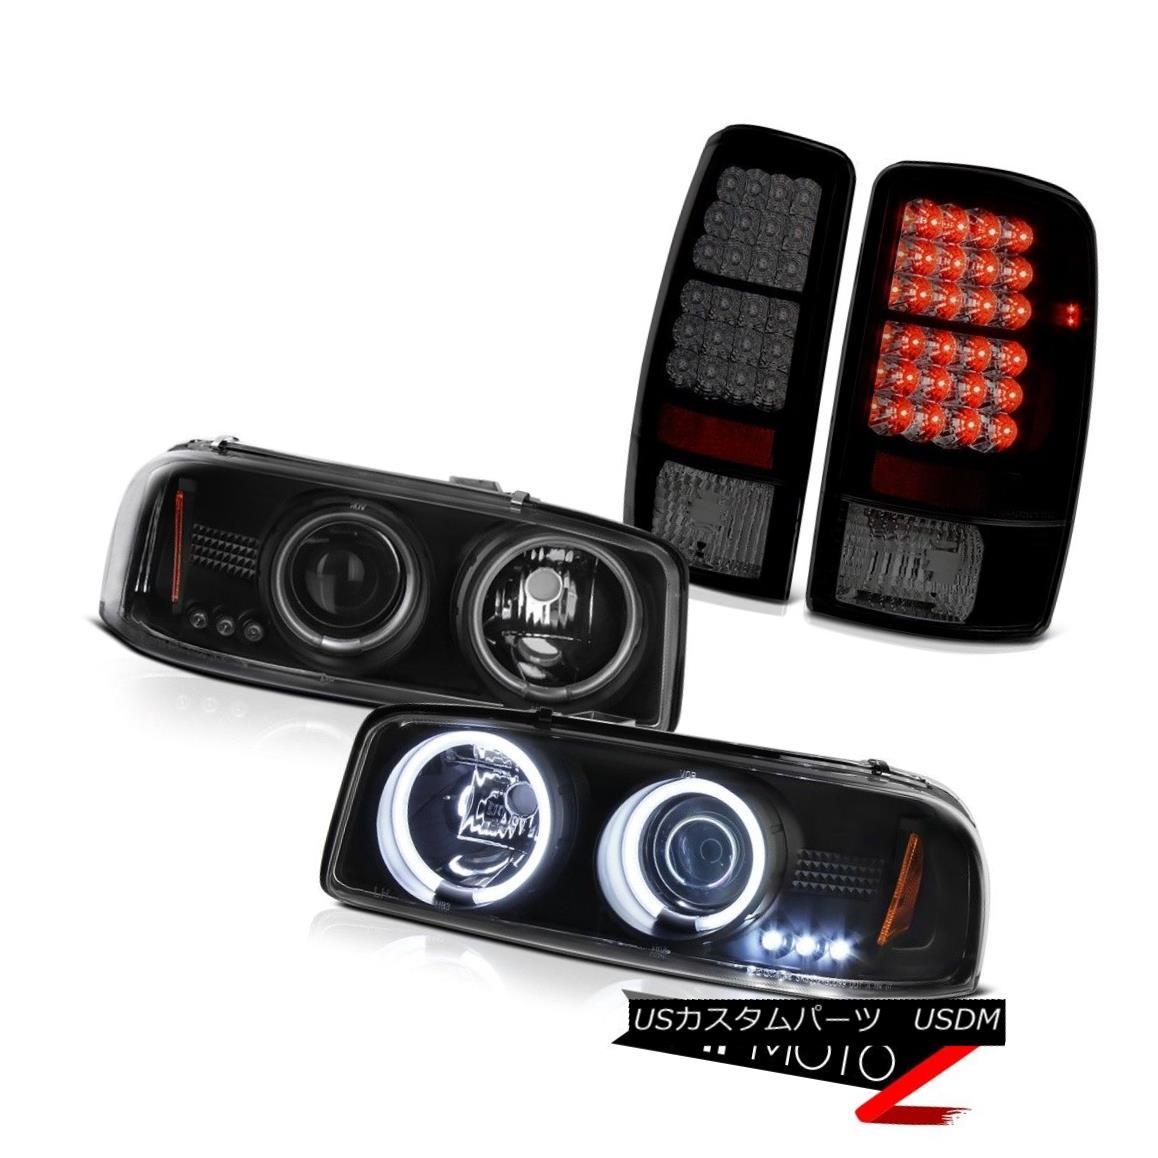 ヘッドライト BRIGHTEST CCFL Angel Eye Headlights 00-06 Yukon Dark Smoke Black LED Tail Lights 明るいCCFLエンジェルアイヘッドライト00-06ユーコンダークスモークブラックLEDテールライト